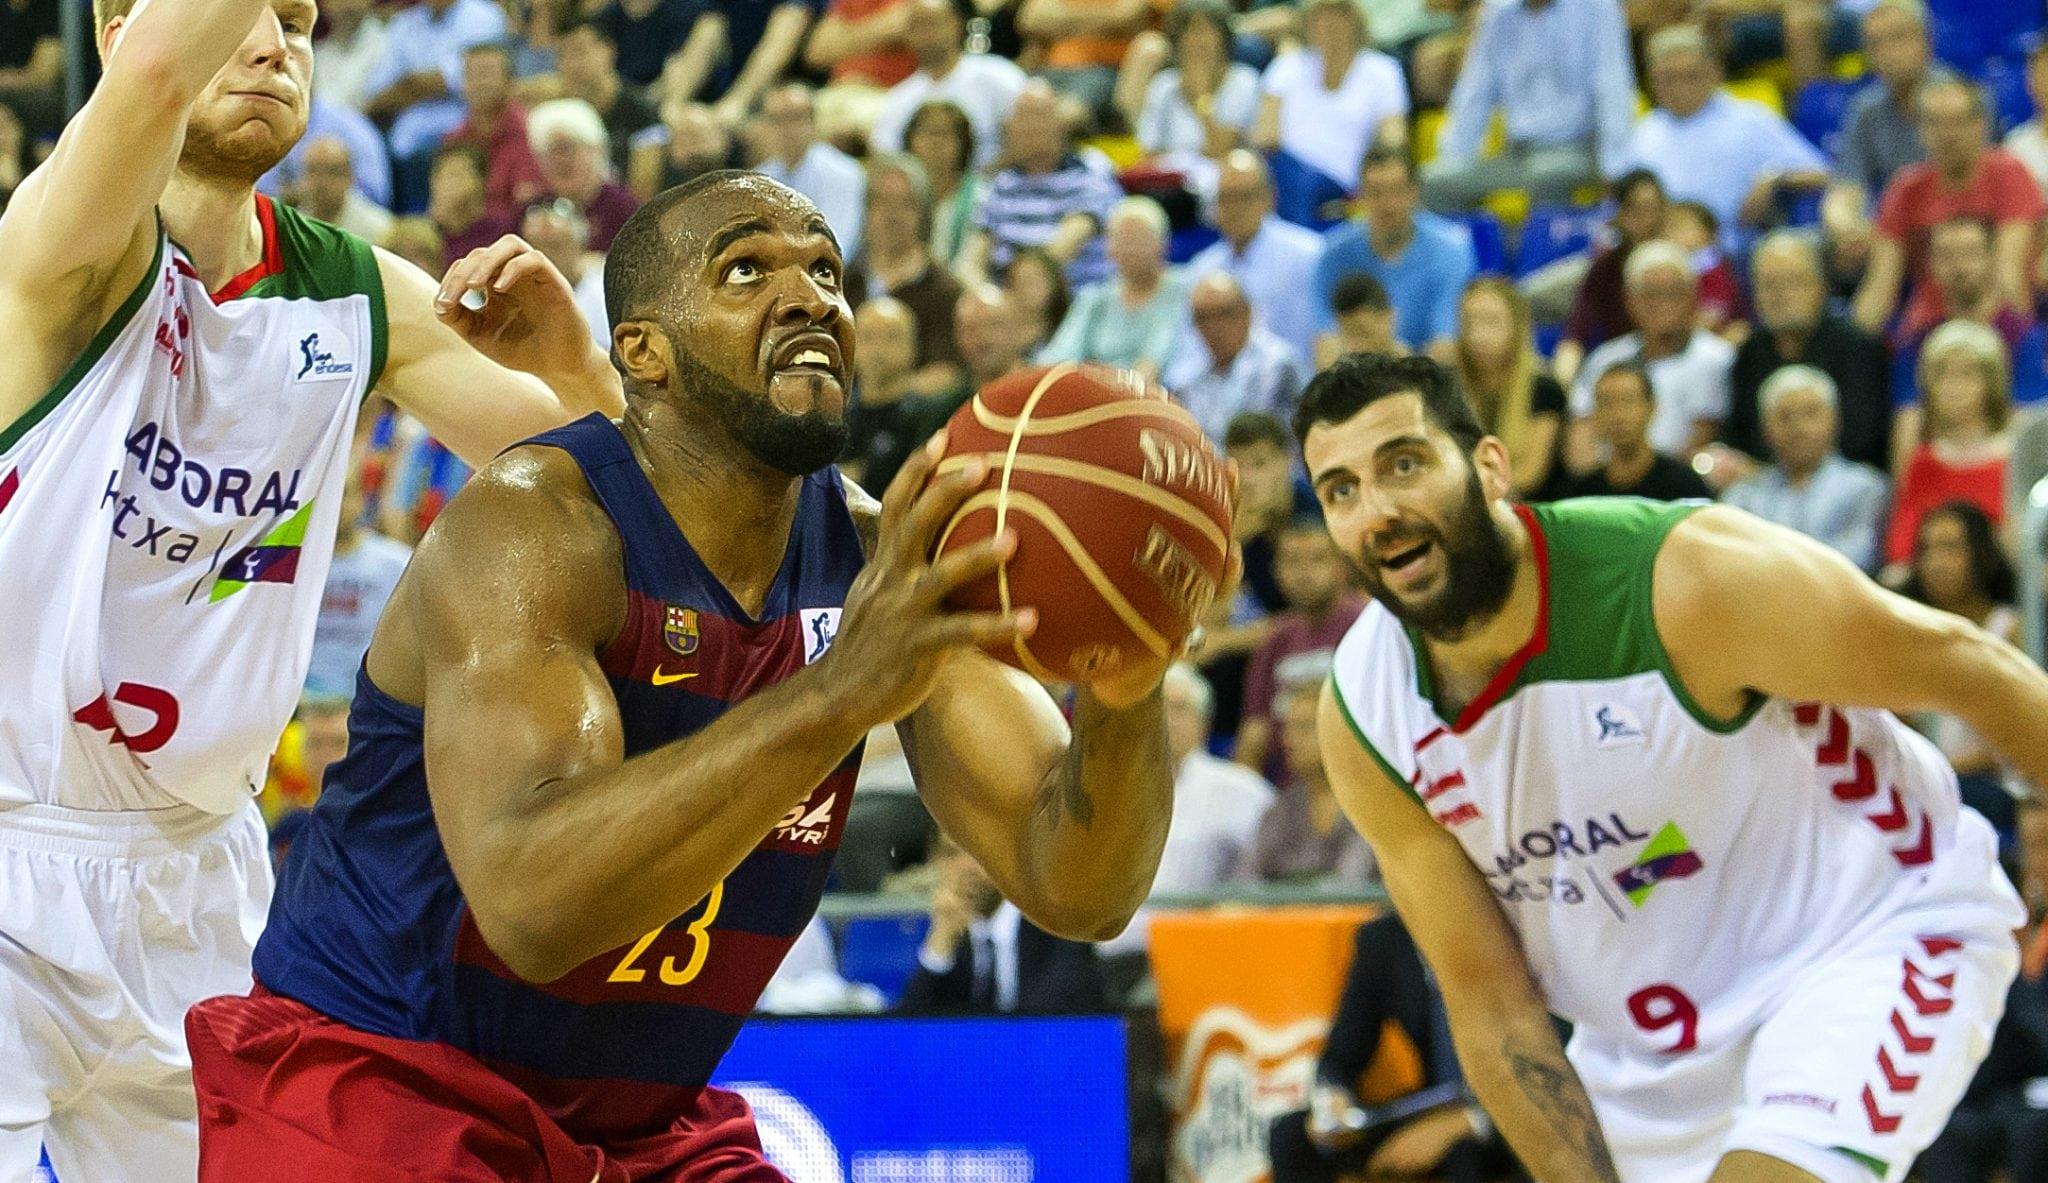 El Barça contiene la reacción del Baskonia: Samuels y Mike James firman matazos (Vídeo)